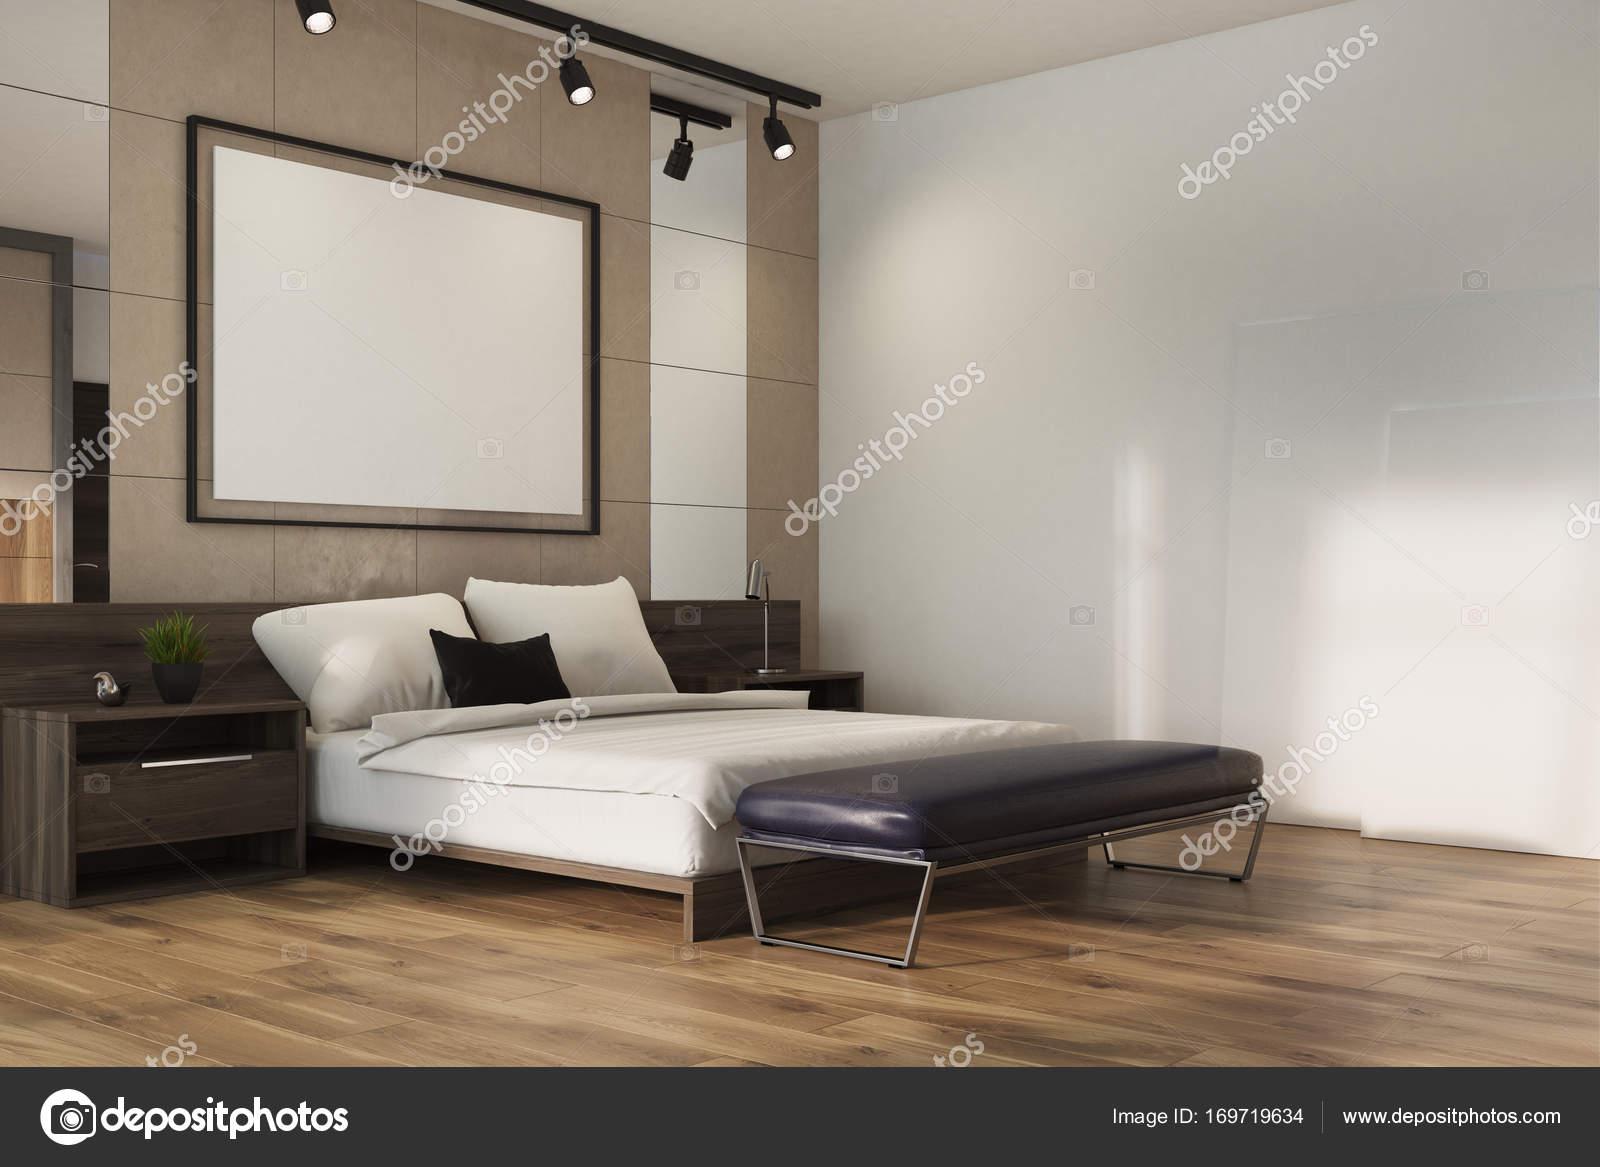 Angolo camera da letto loft beige poster foto stock denisismagilov 169719634 - Poster camera da letto ...